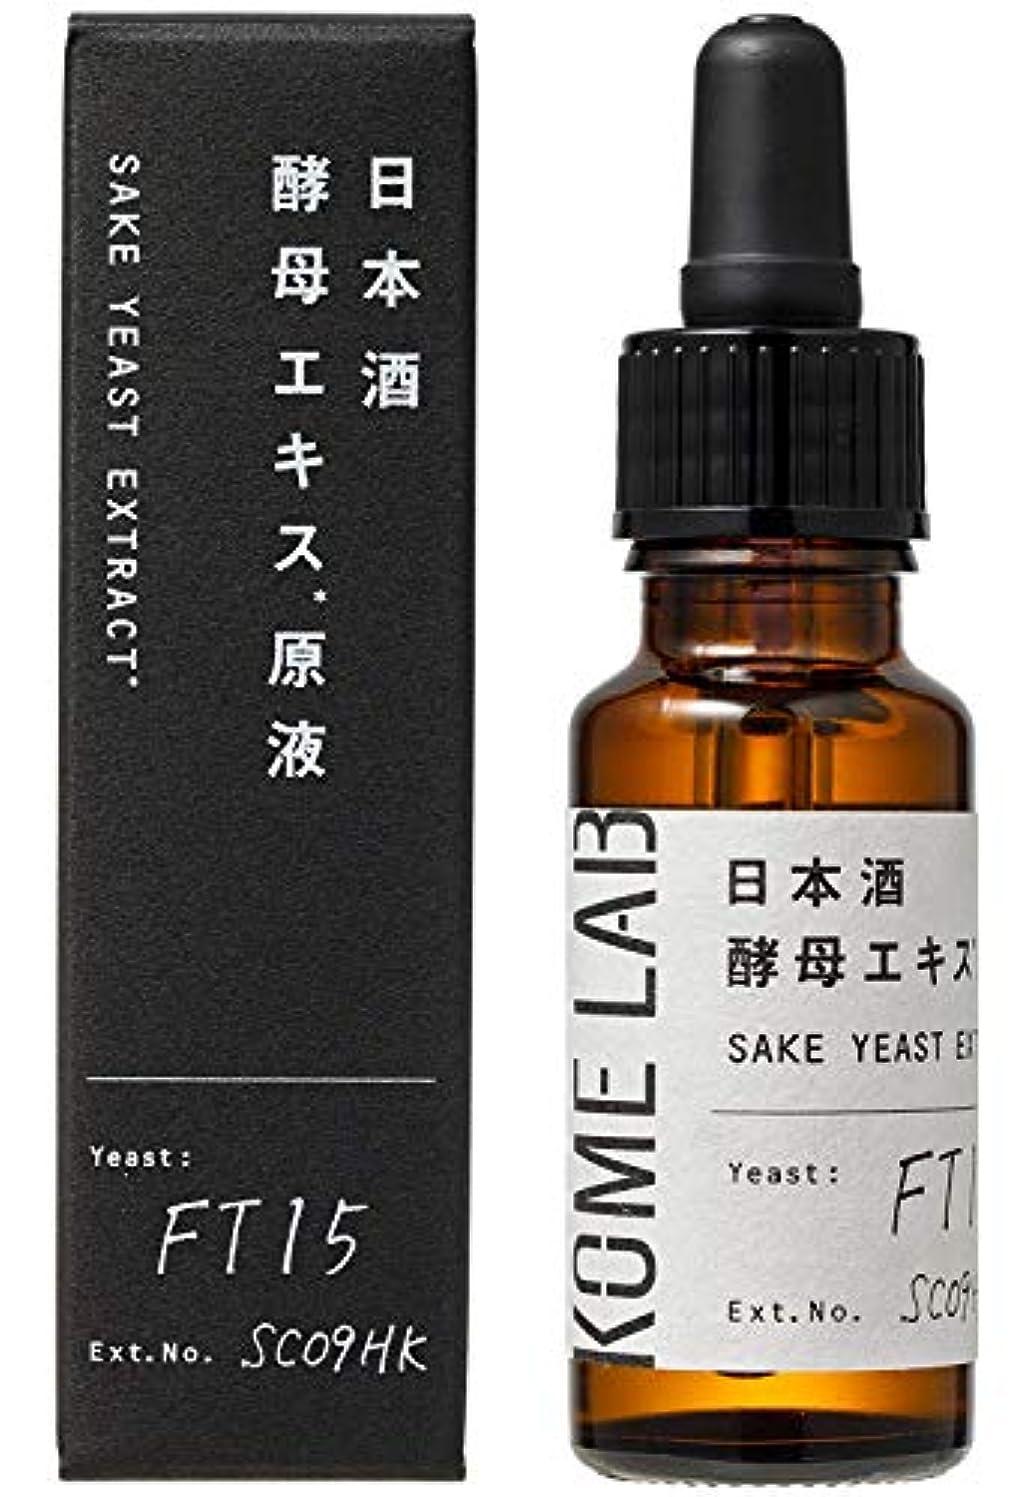 カトリック教徒ふざけた魅力的であることへのアピールKOME LAB(コメラボ) コメラボ 日本酒酵母エキス原液 美容液 20ml